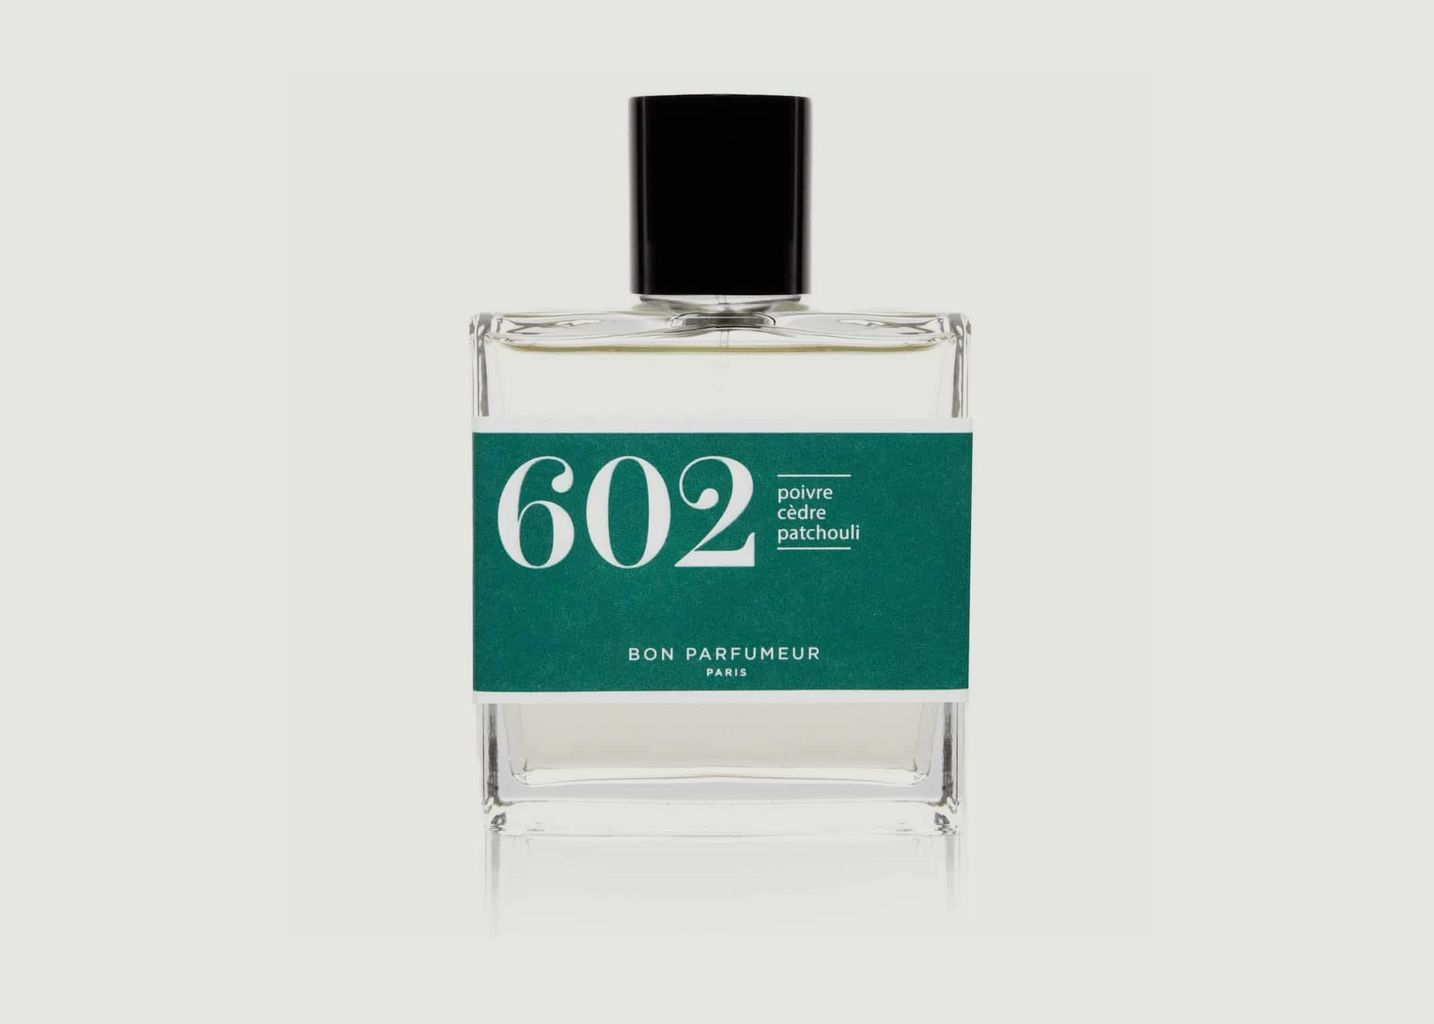 Eau de Parfum 602 100ml - Bon Parfumeur